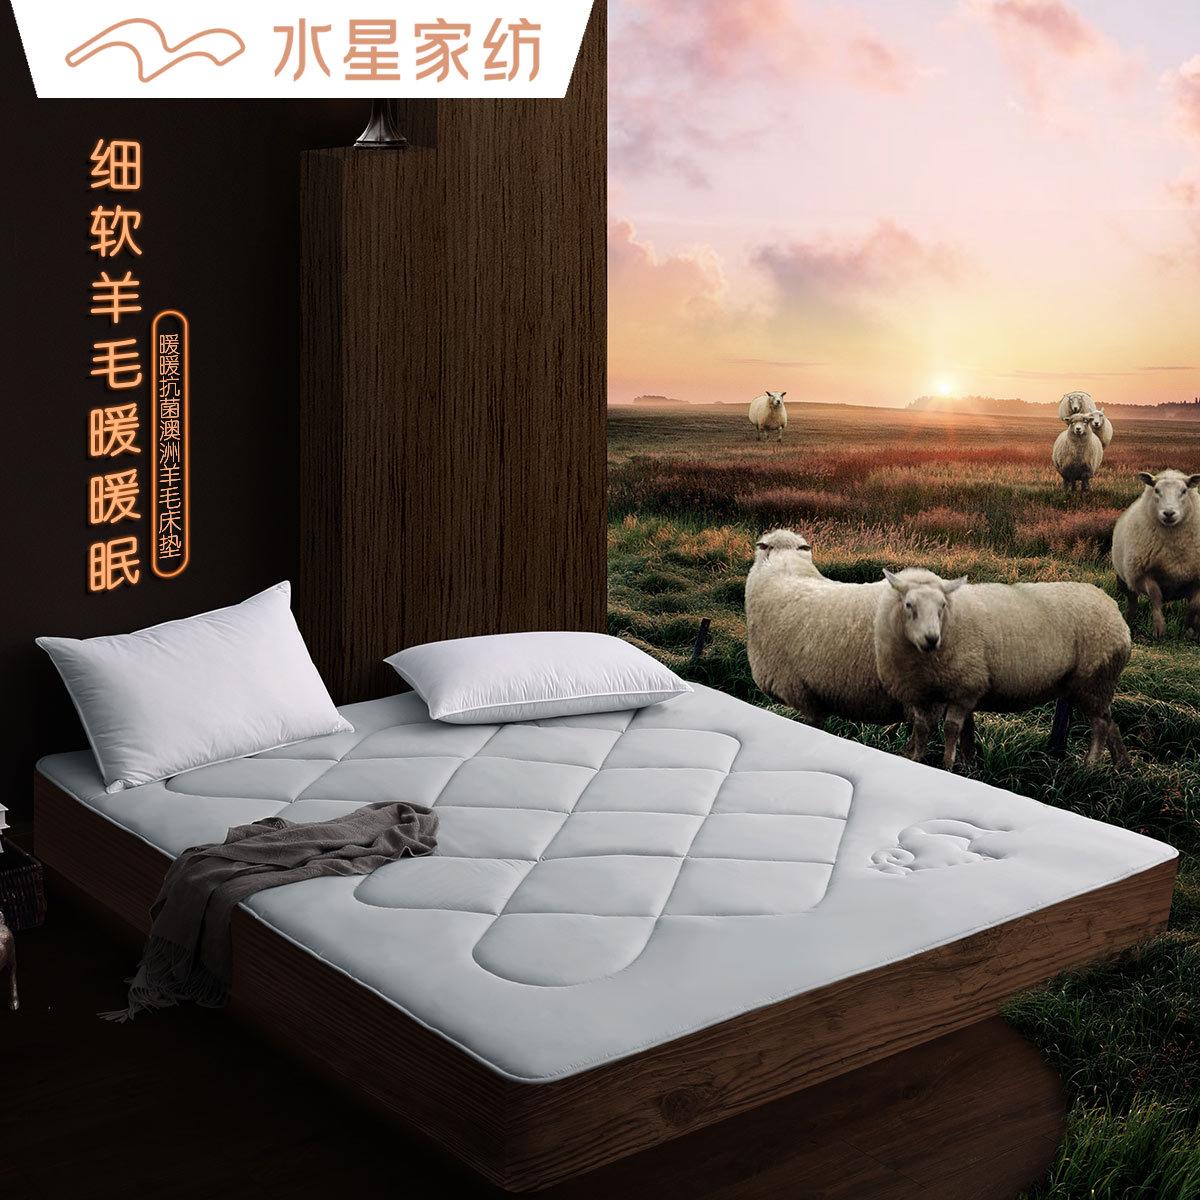 羊毛家纺水星加厚床垫澳洲垫子丝绒软垫单双人羽全棉单人a羊毛正品